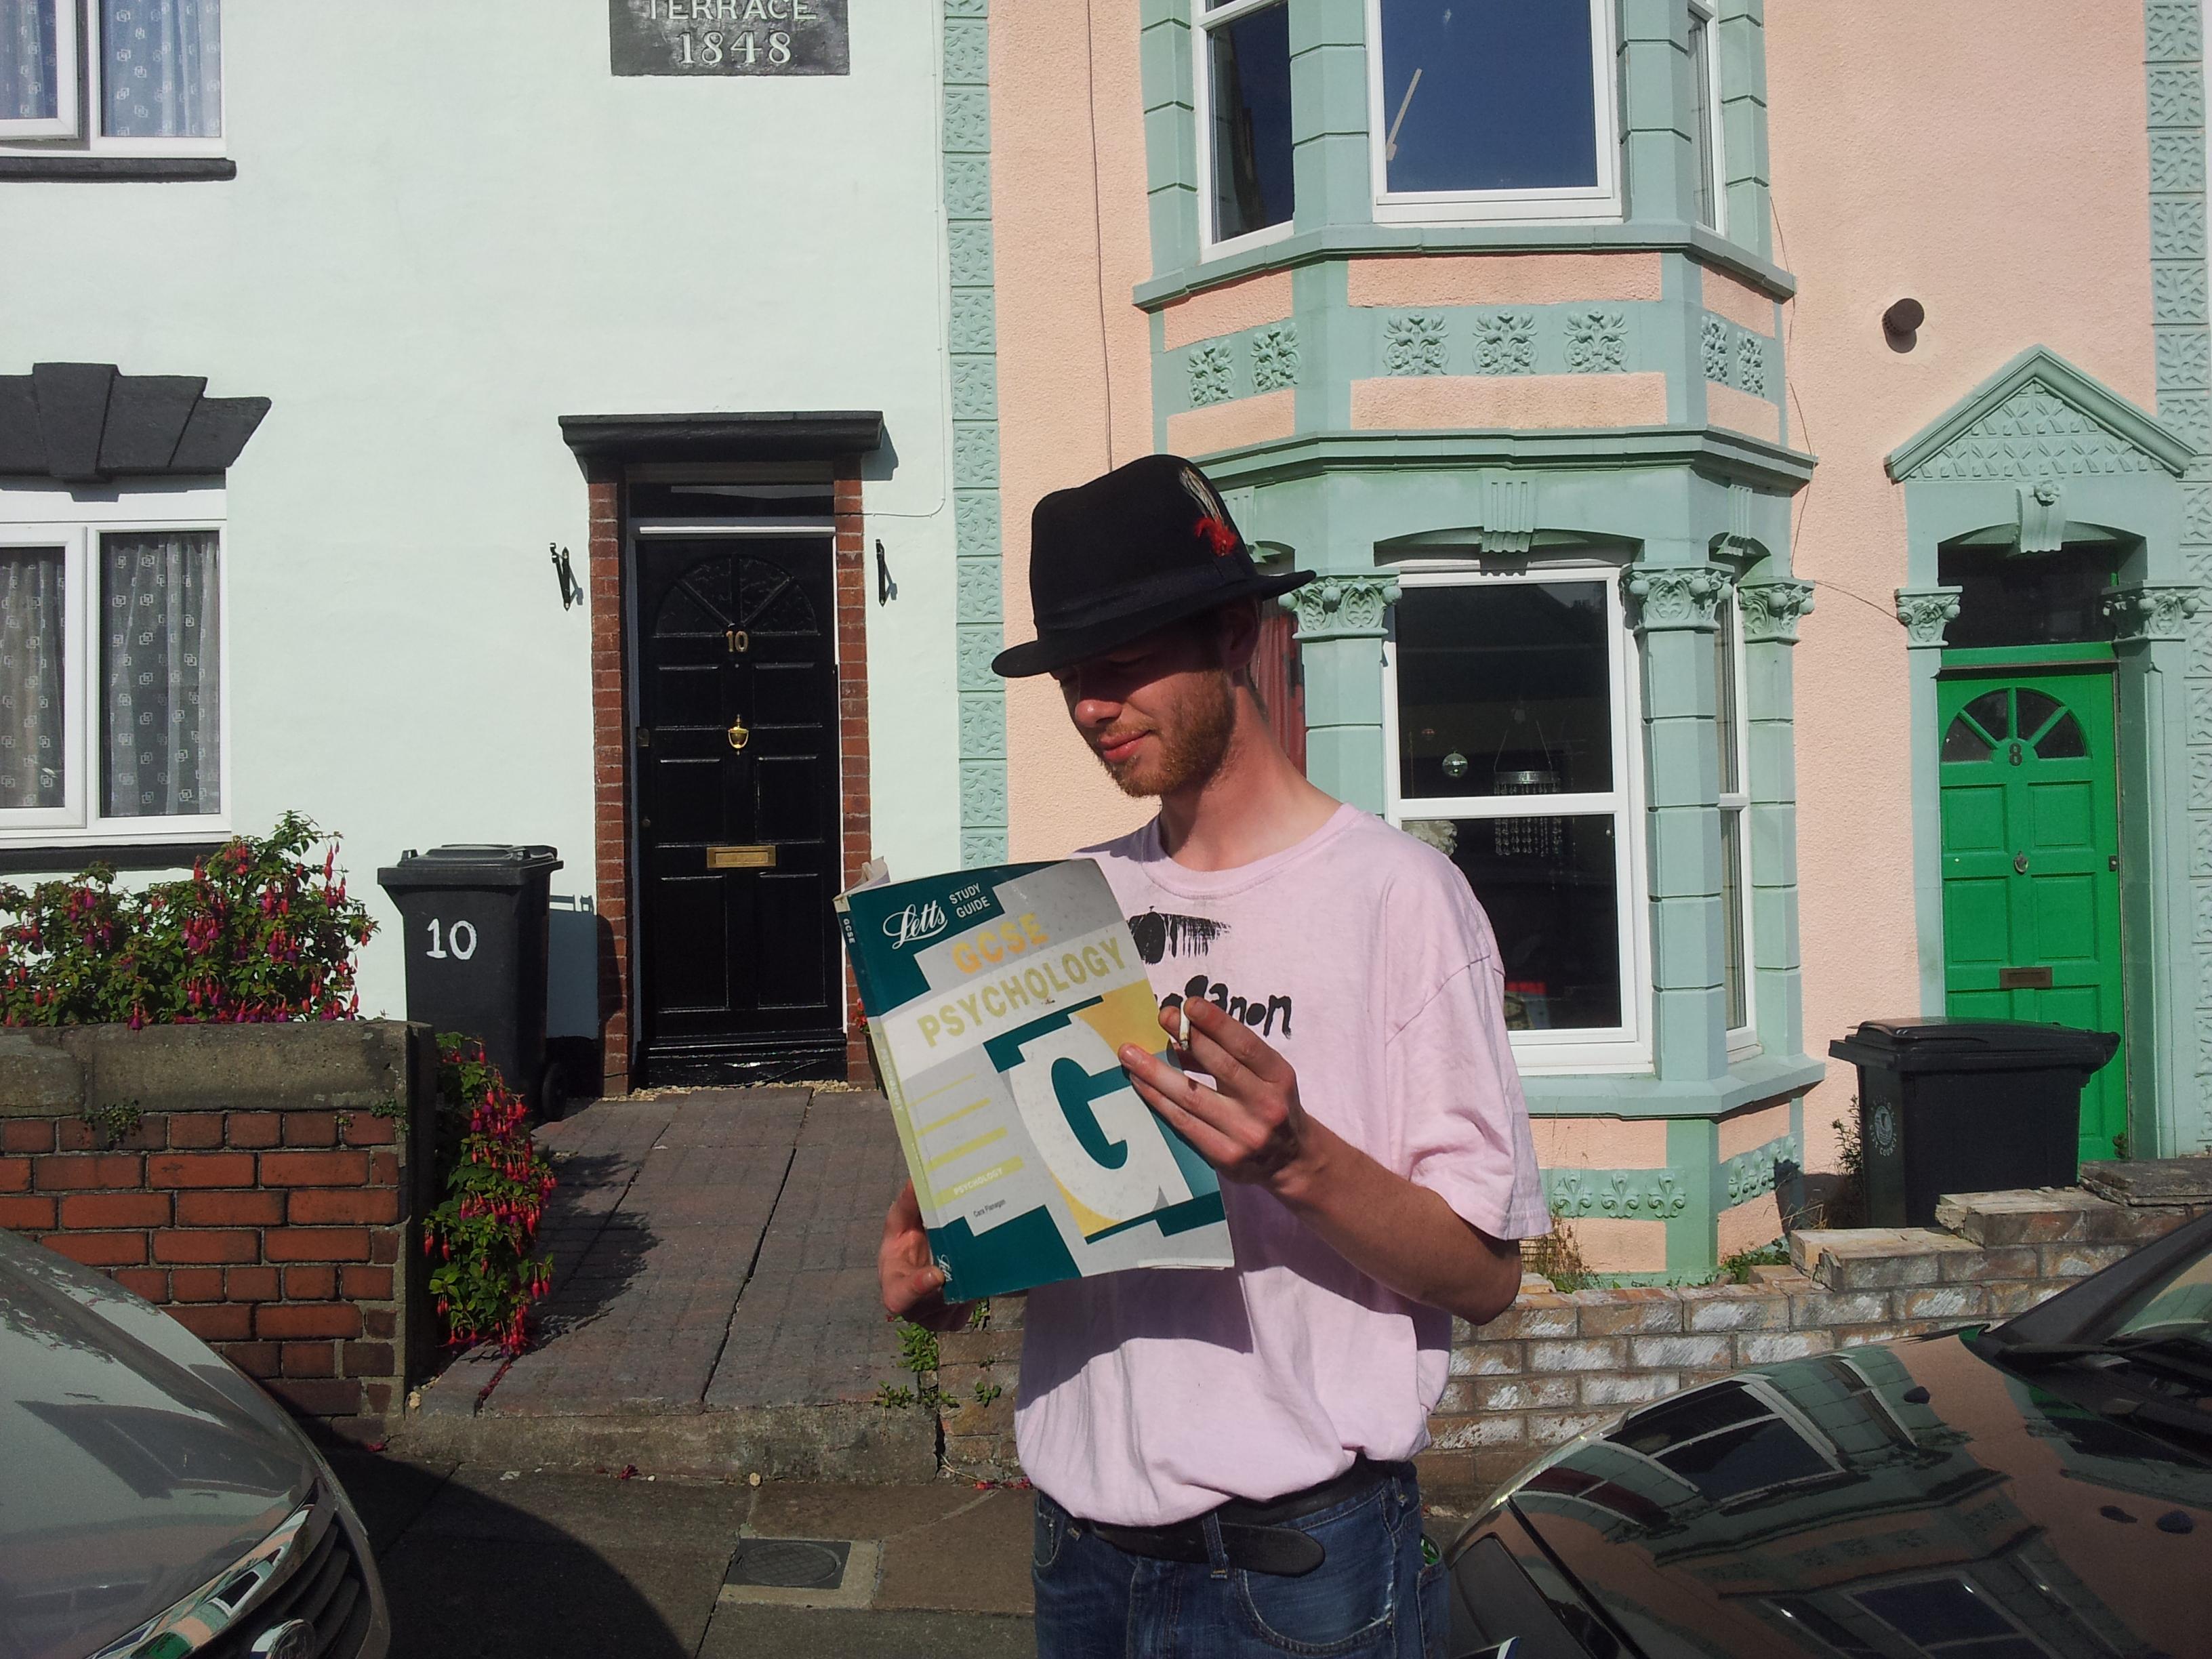 Found in Bristol, hat, GSCE book